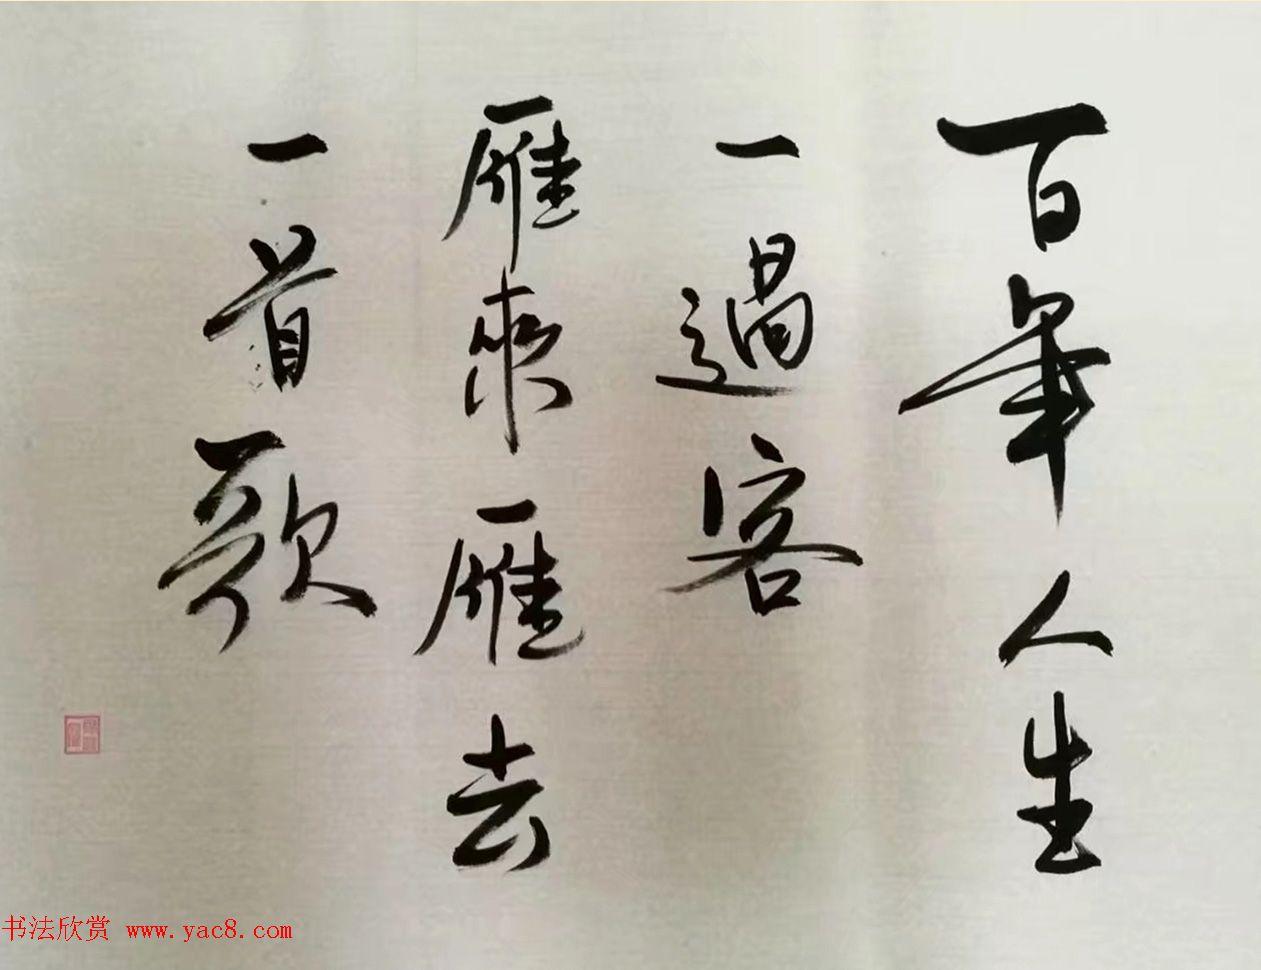 戚鸿雁原创书法作品选刊